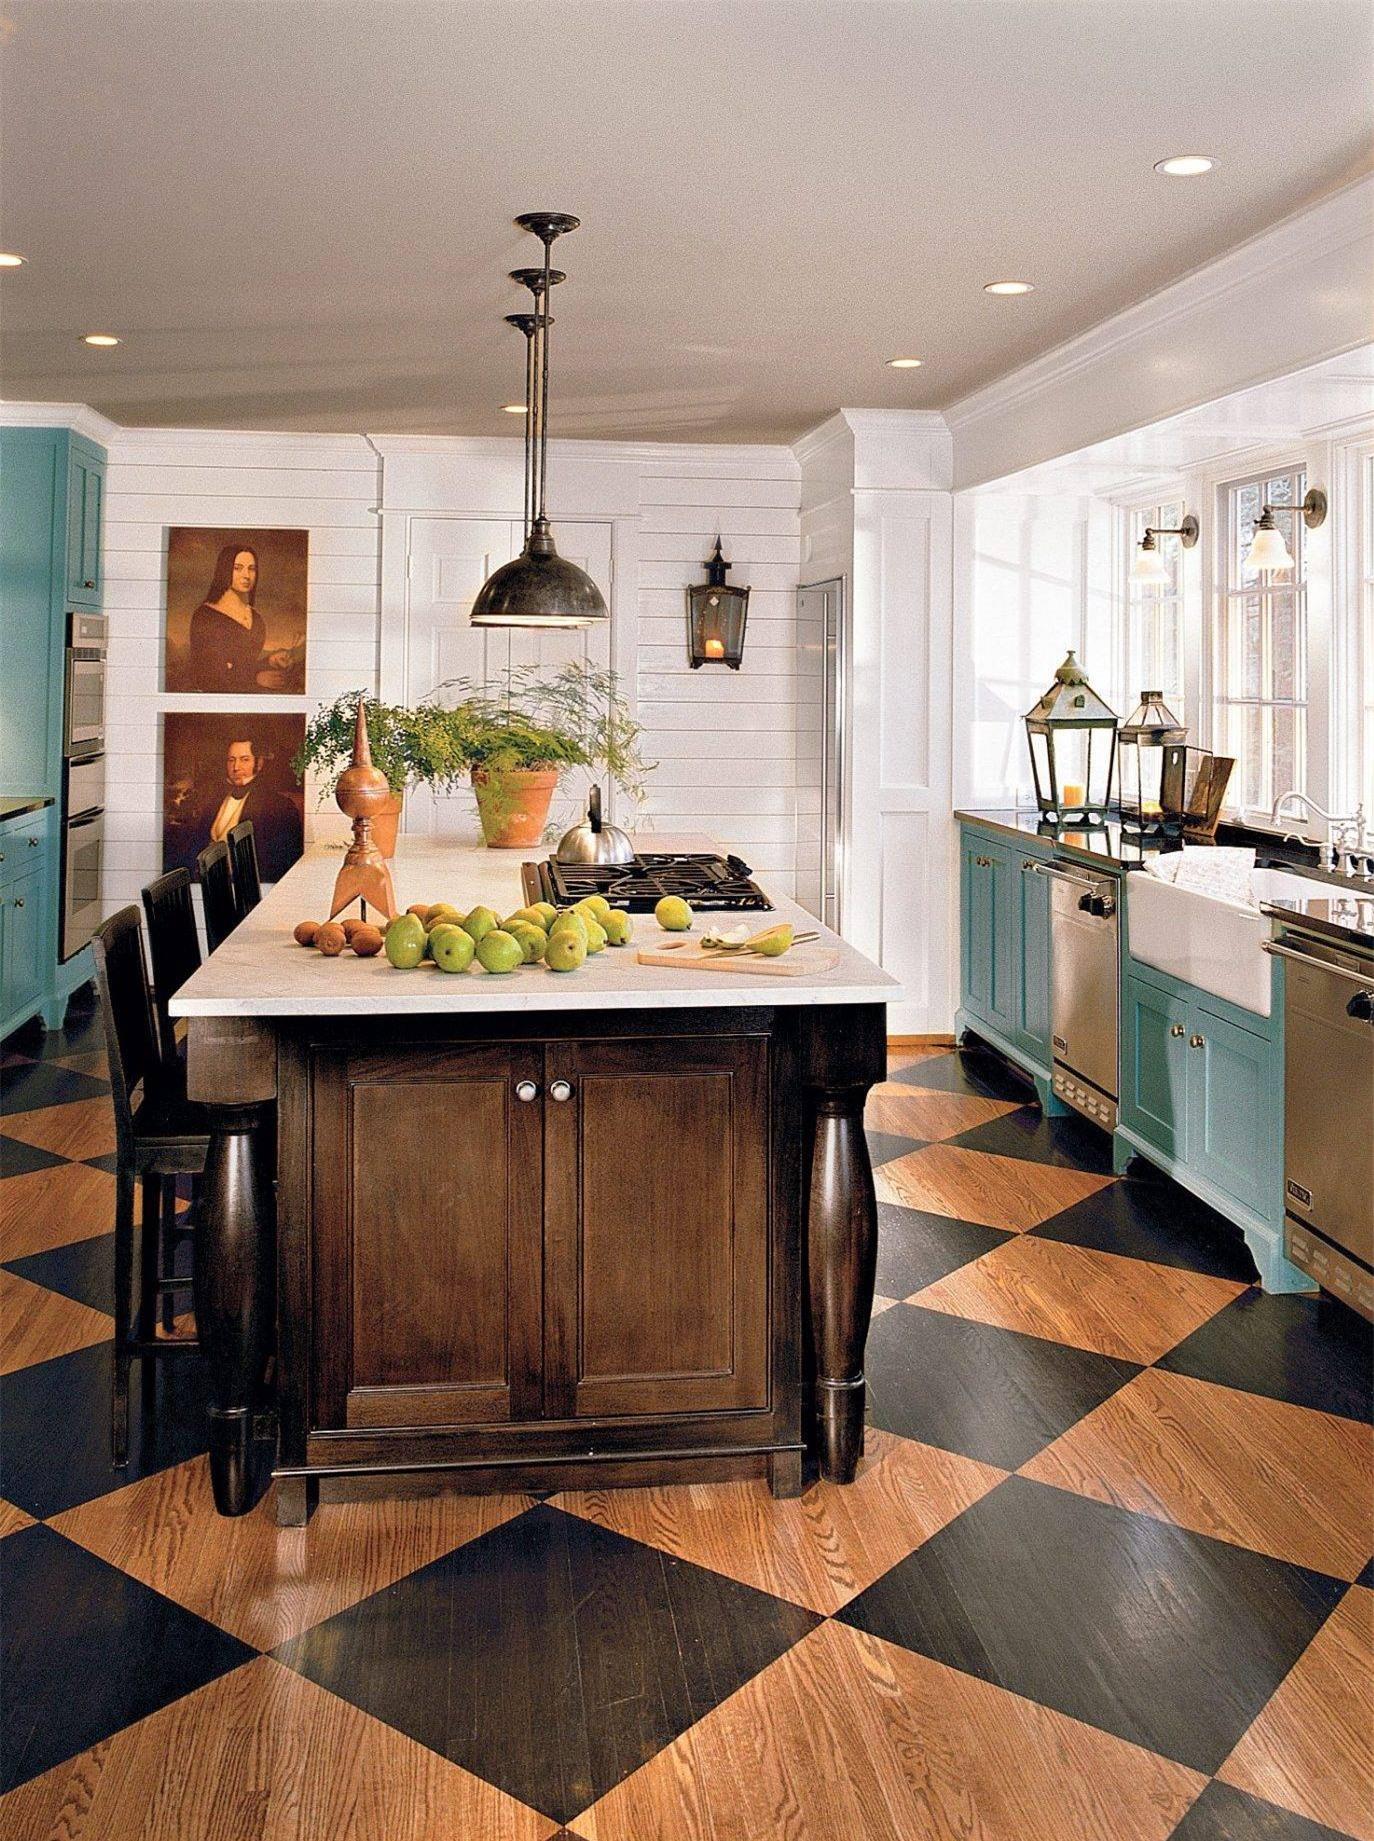 Căn bếp nhỏ được thiết kế khéo léo khi kết hợp những sắc màu trẻ trung. Không gian nấu nướng ghi điểm với hệ tủ bếp màu xanh bạc hà. Màu tường trắng giúp các gam màu trầm thêm nổi bật.